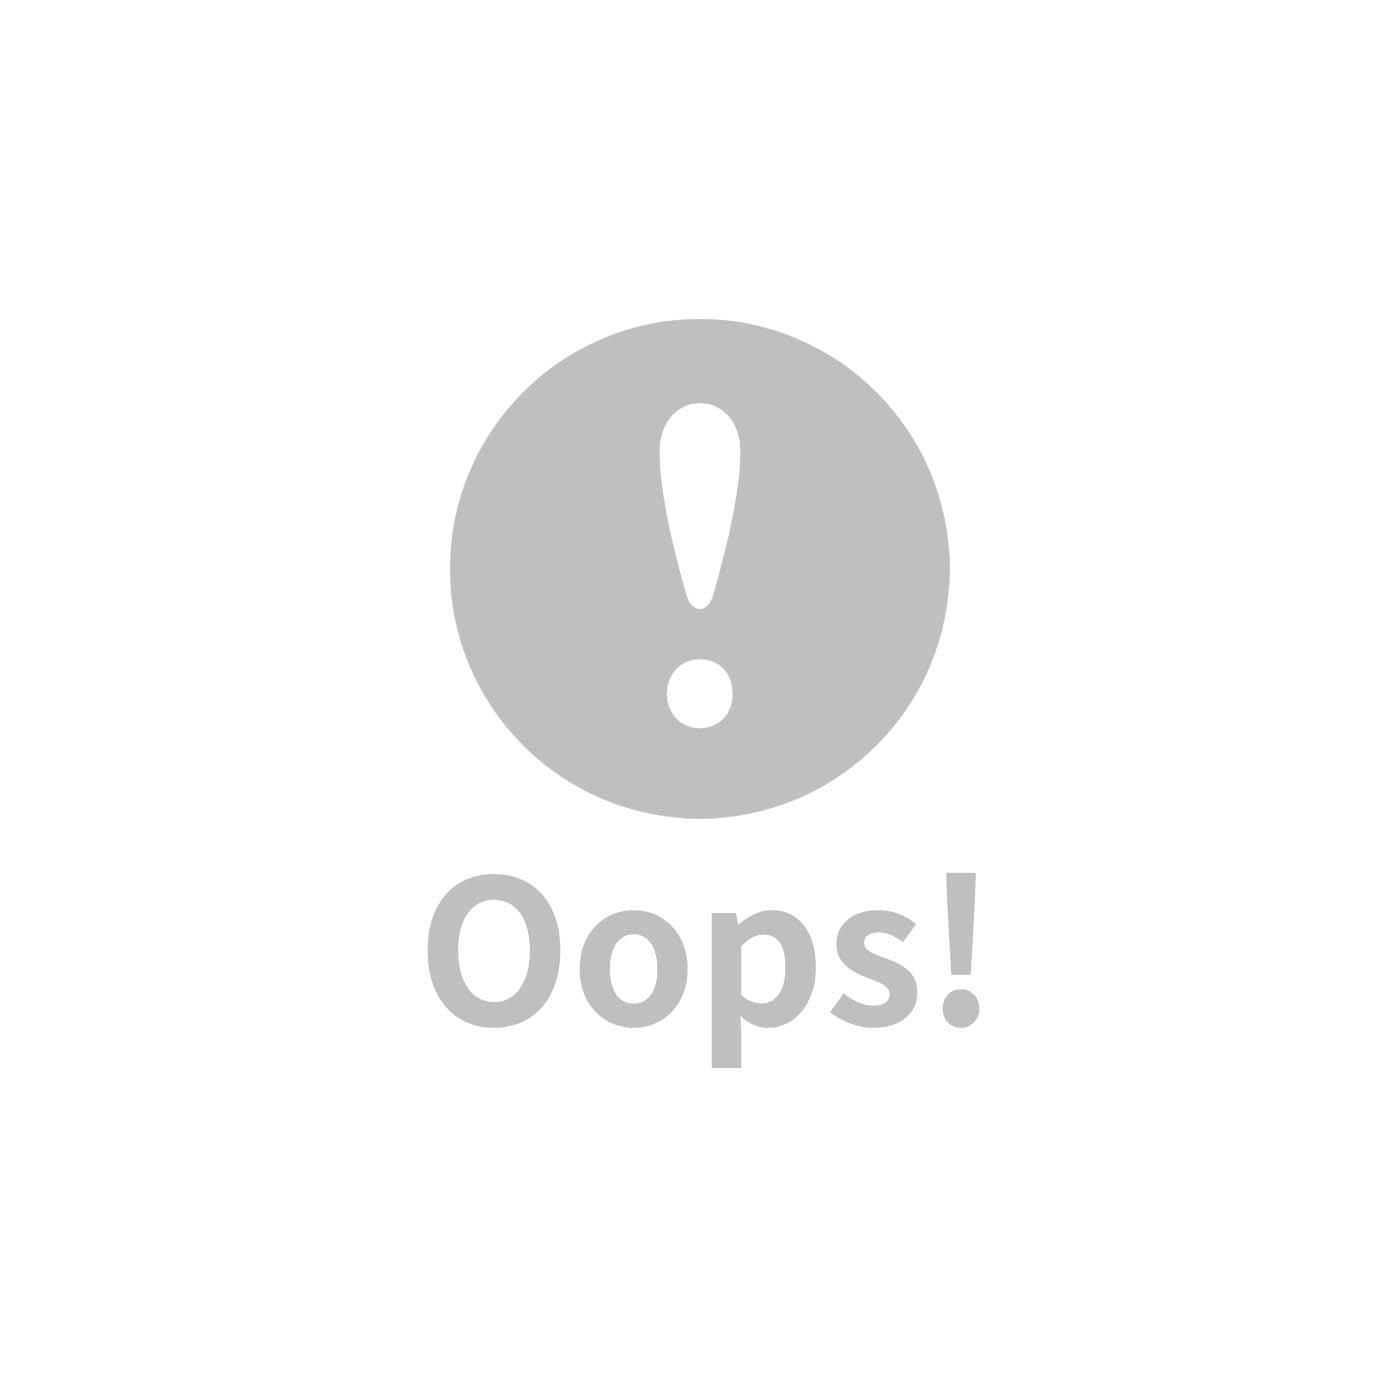 【5/28-5/30逗寶購物台專屬】【gunite】沙發嬰兒床_安撫陪睡式0-6歲(巴黎粉)(星星月亮吊飾組)